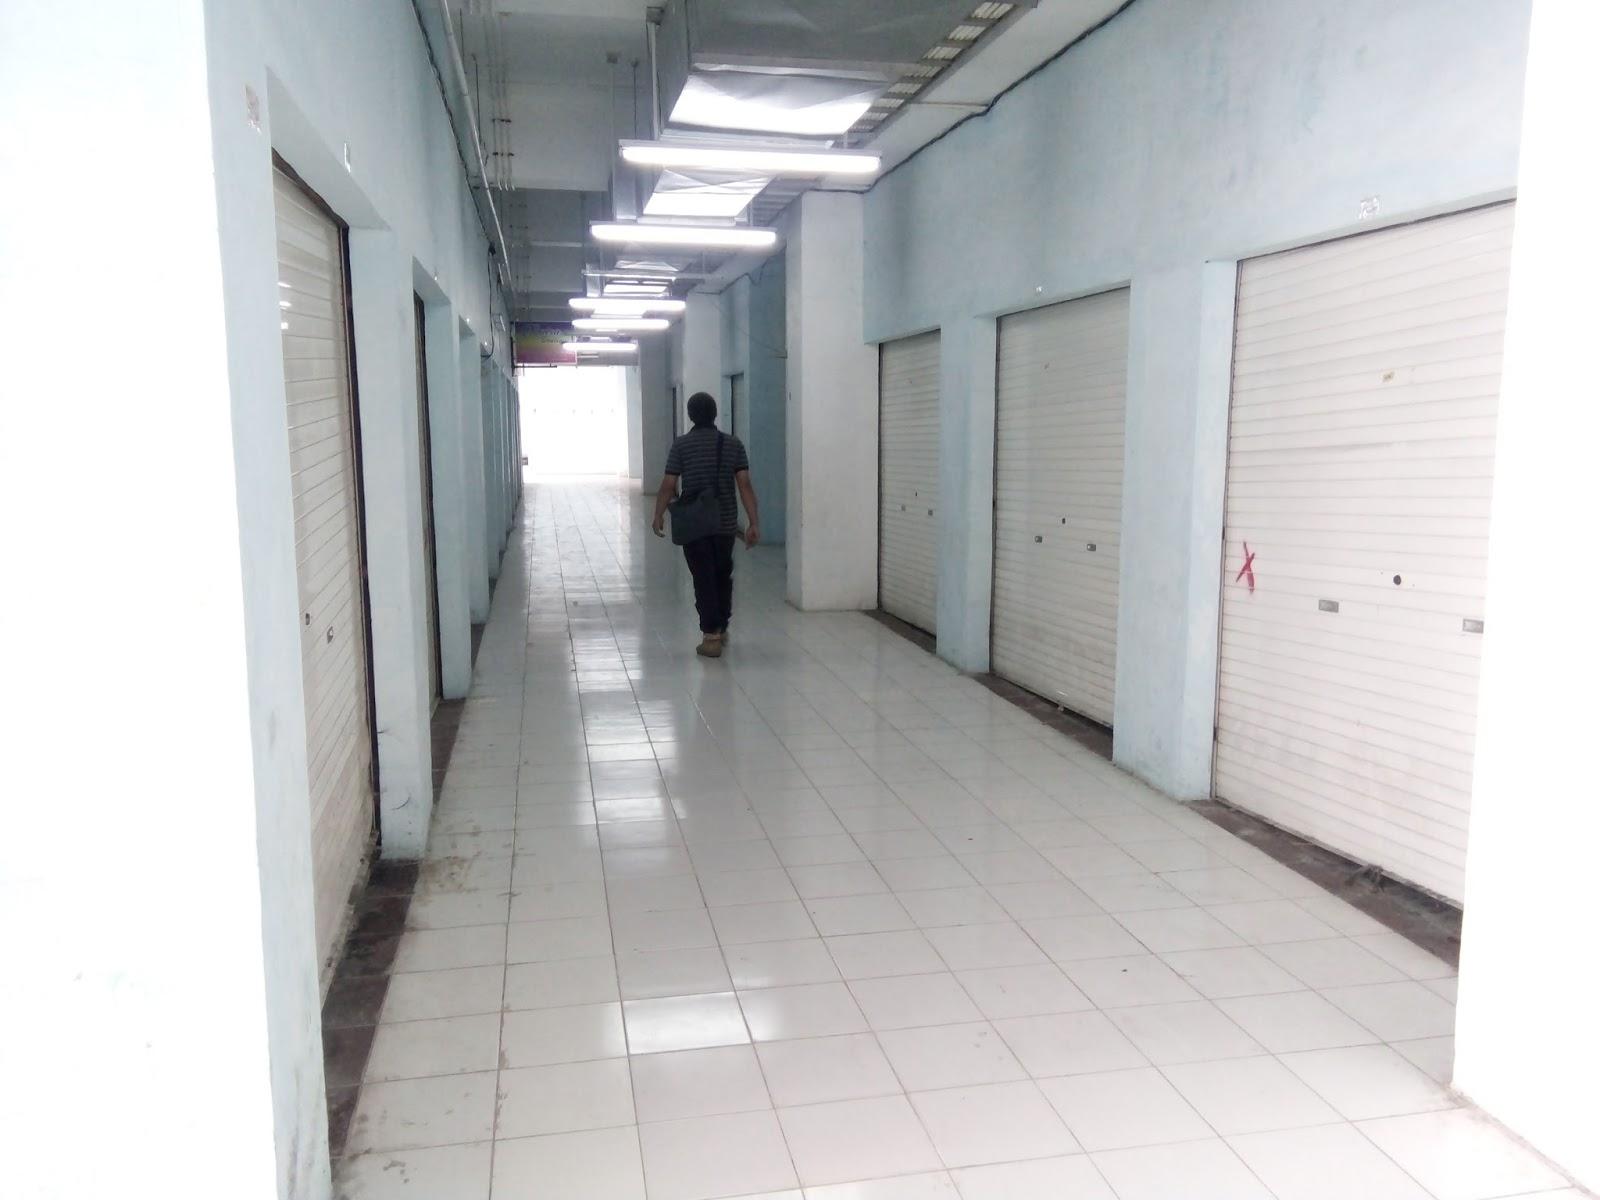 ondisi Lantai II Pasar Inpres Kisaran yang sepi akibat banyaknya pedagang yang tutup karena bangkrut akibat sepinya pembeli.